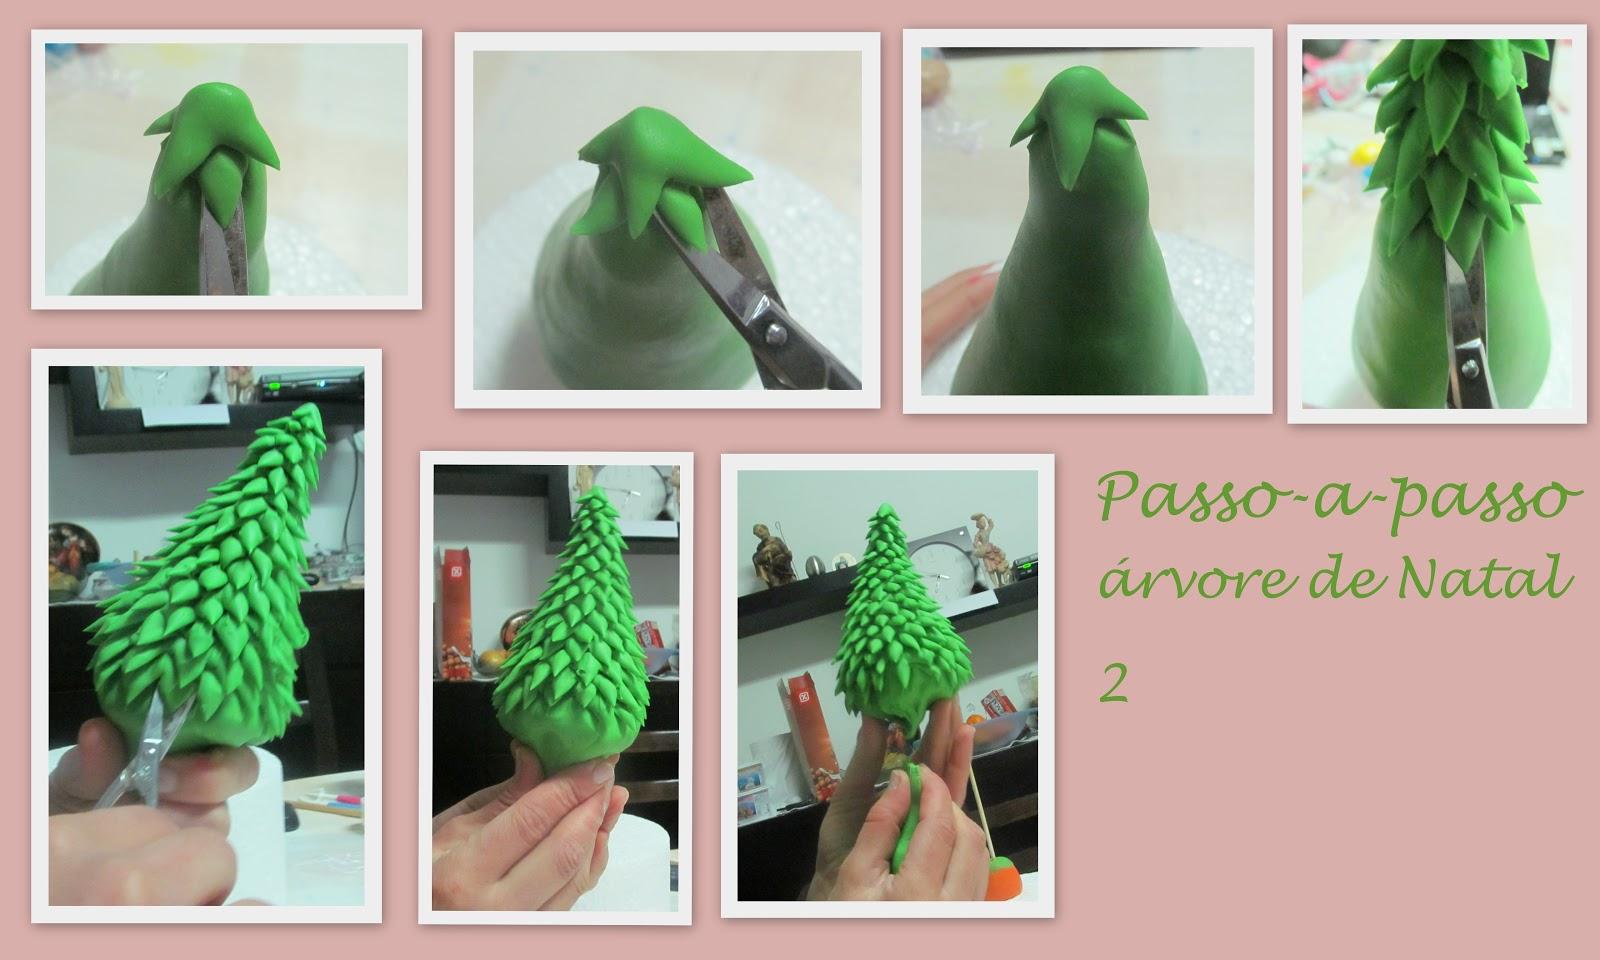 Cake Design Passo A Passo : Passo a passo - arvore de Natal - Lara Correia, Cake Girl